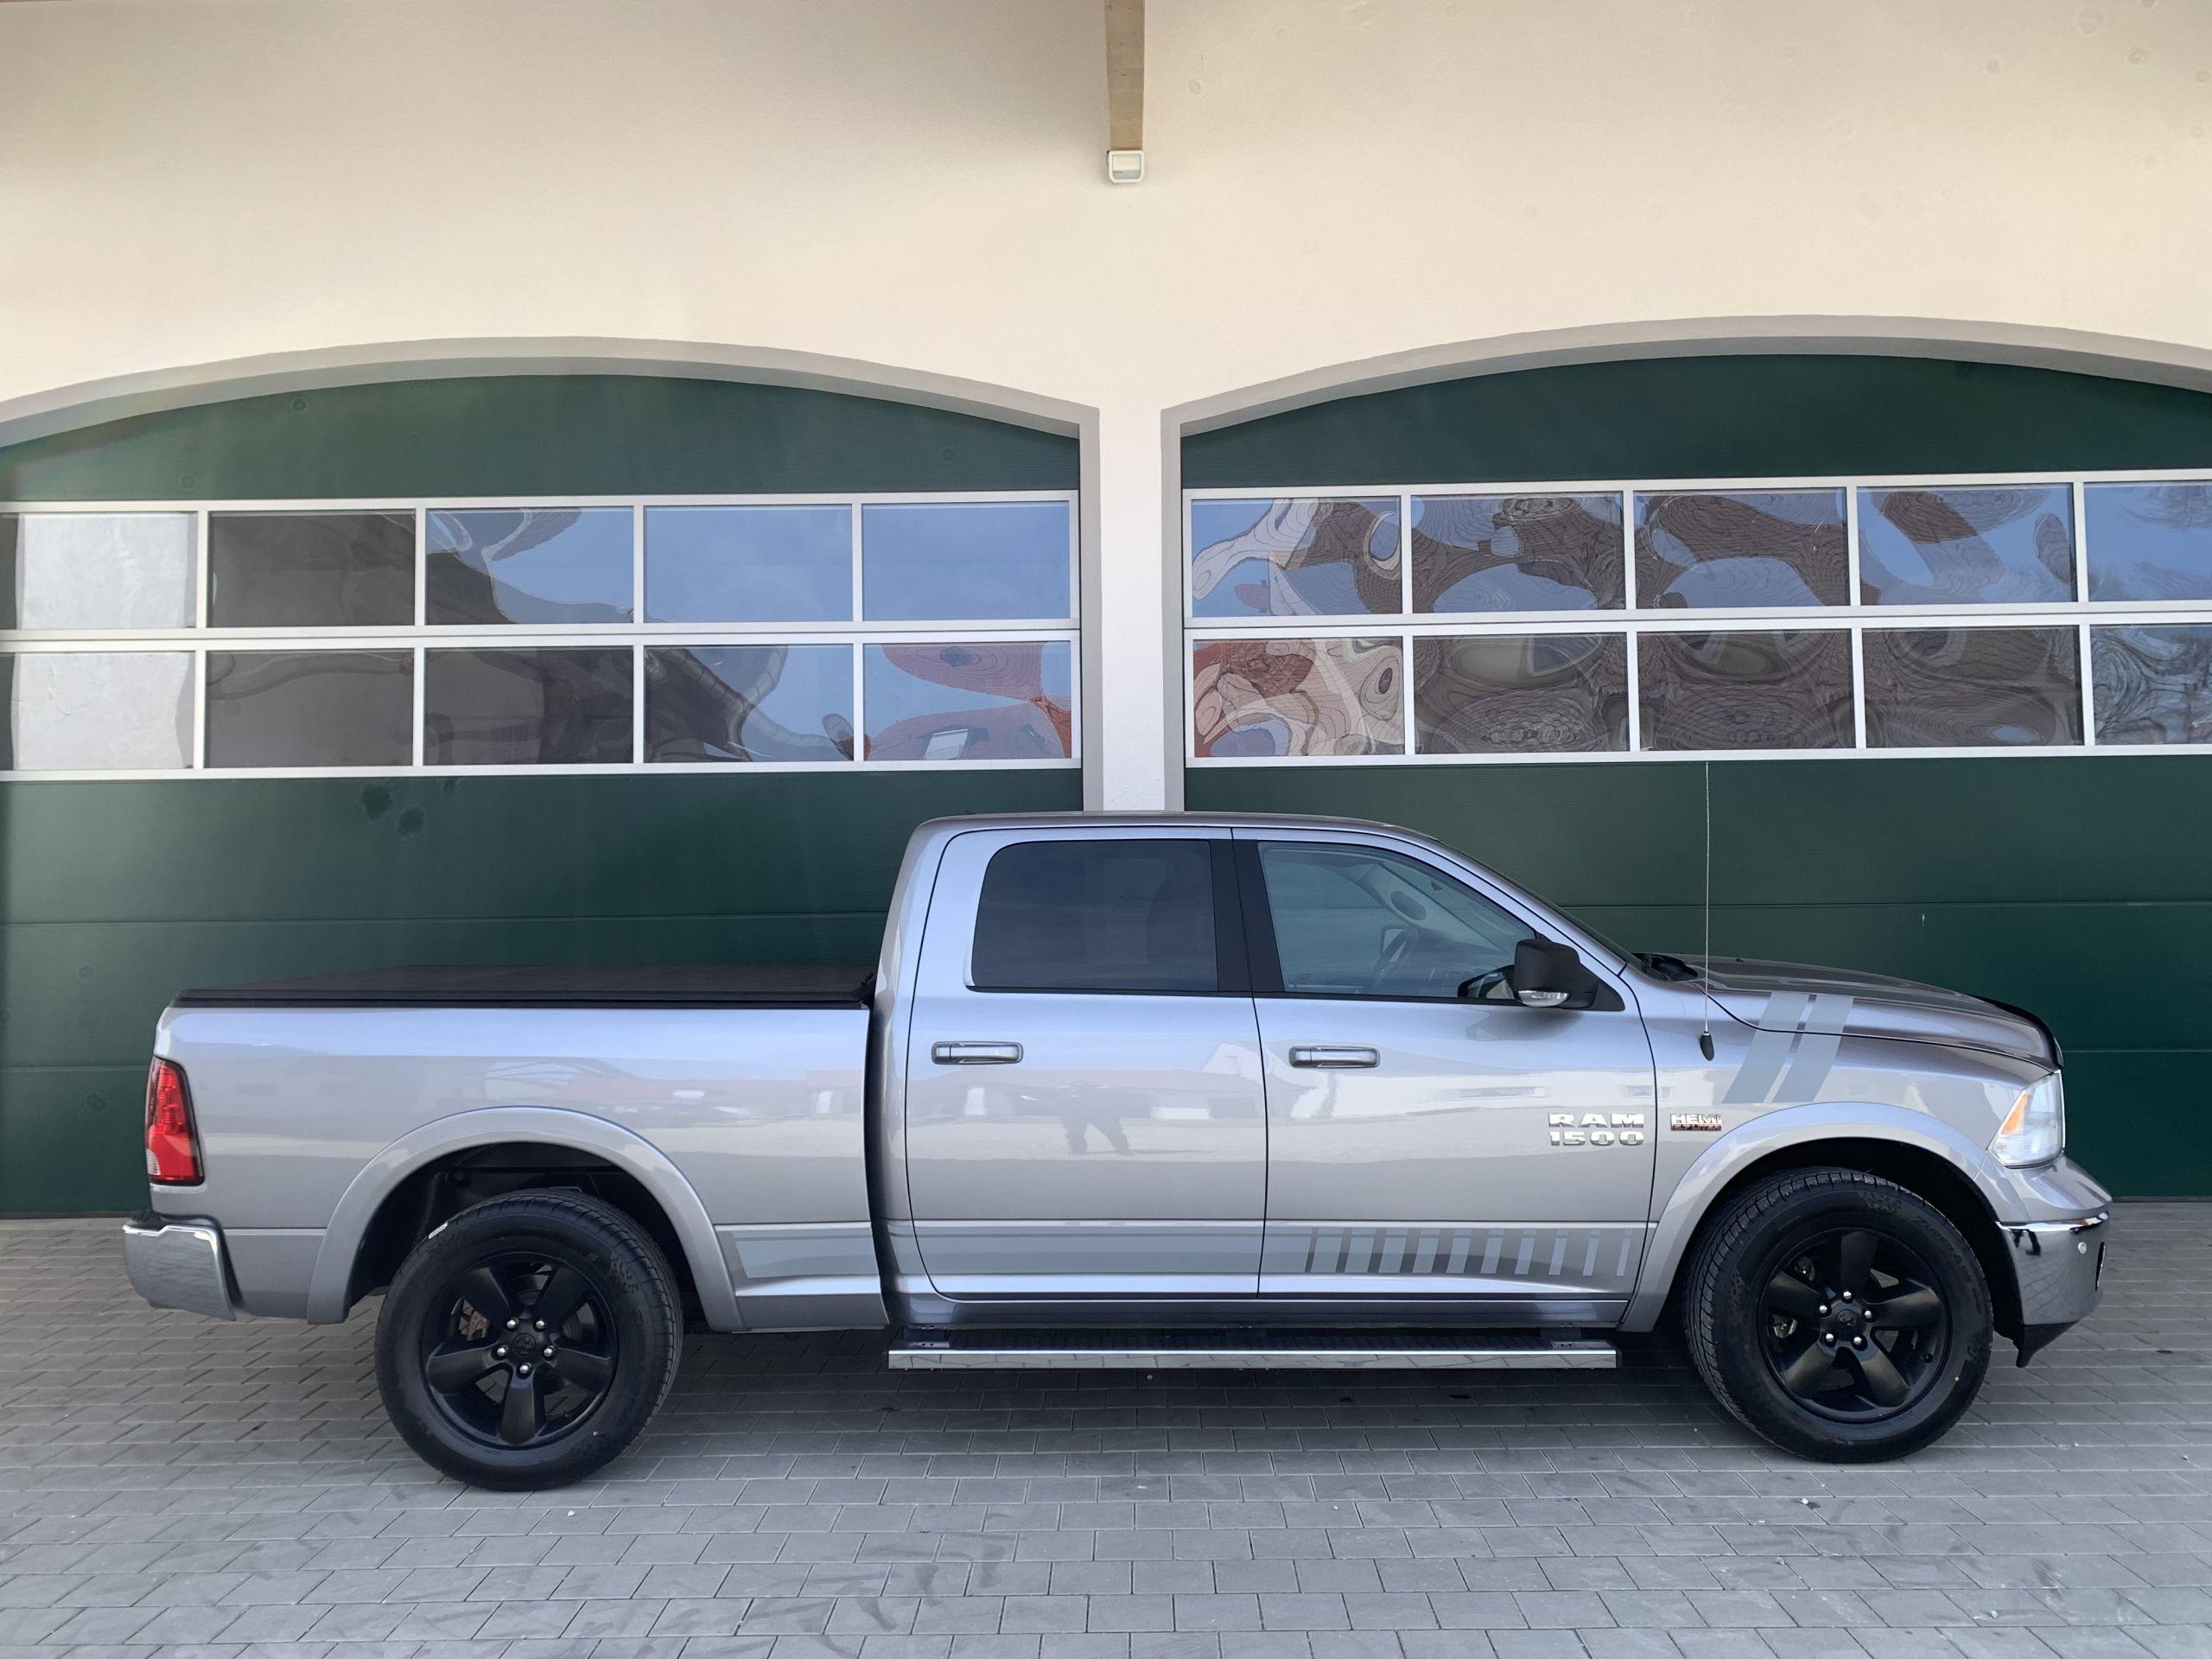 2019 Silber Dodge Ram SLT 1500 zu Verkaufen Osterreich